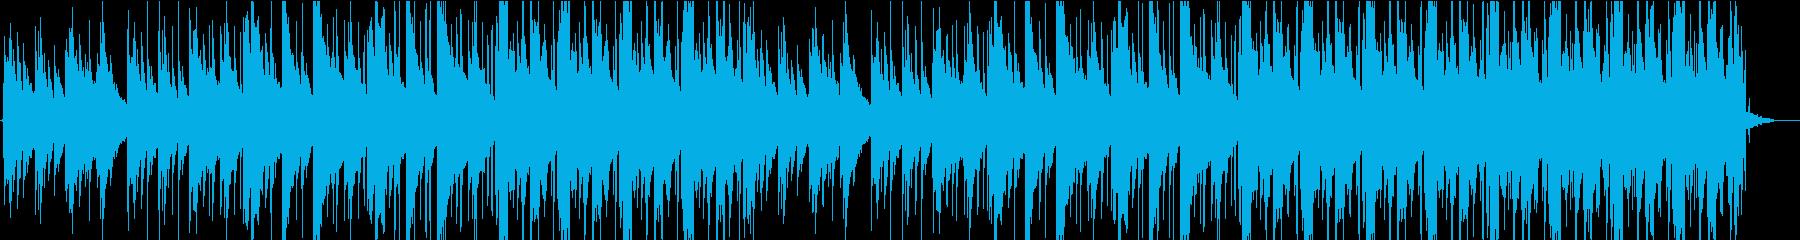 黄昏をイメージしたチル系ヒップホップの再生済みの波形